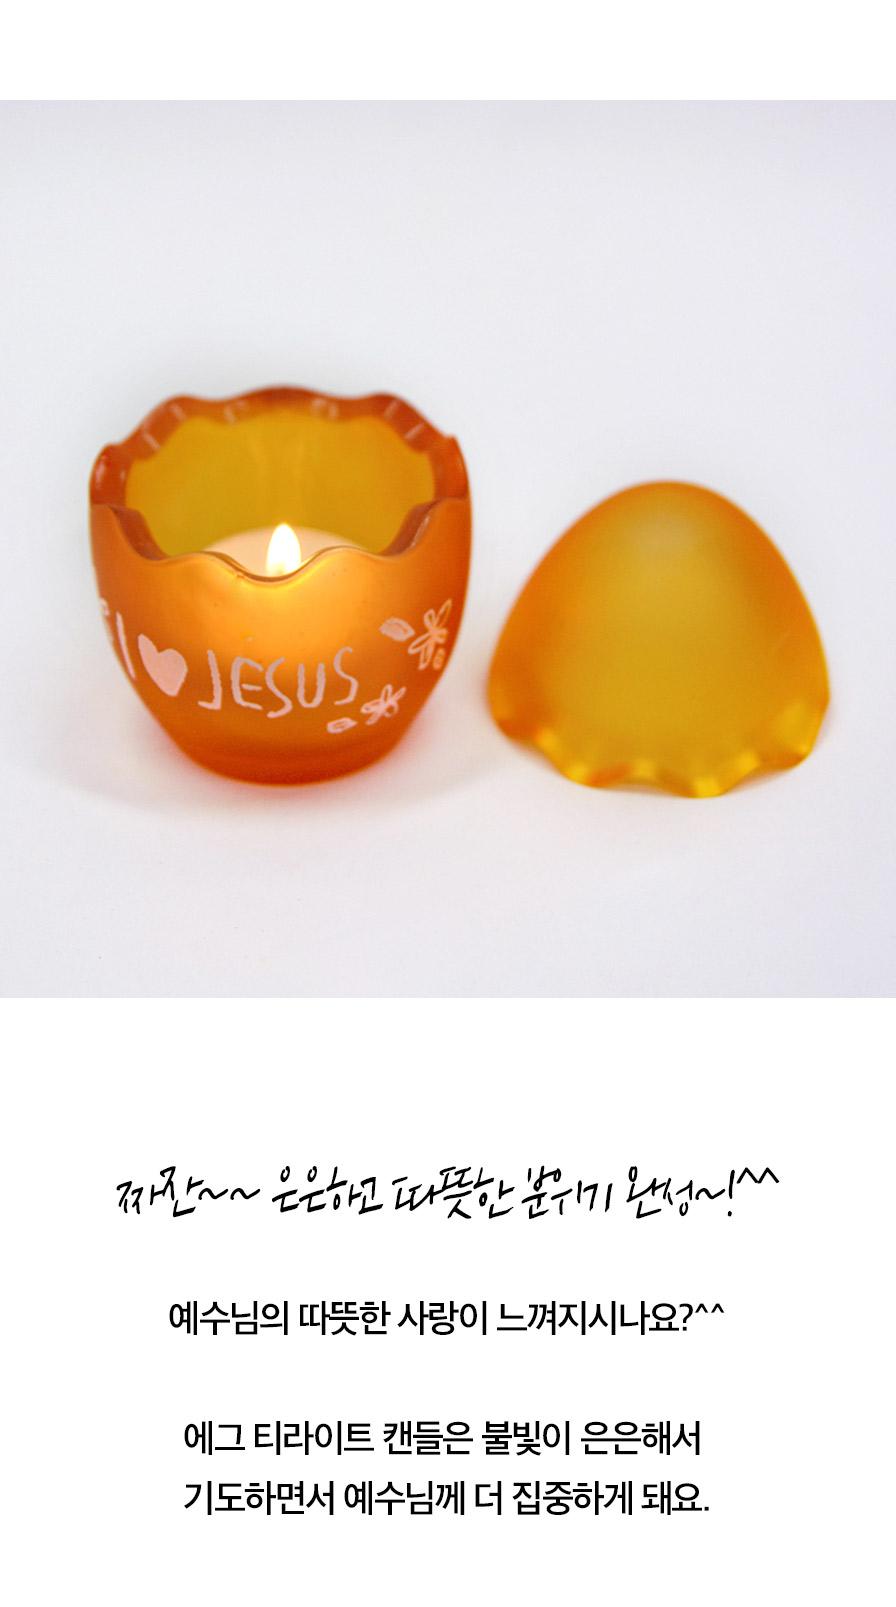 부활절 교회선물 에그 티라이트 캔들 은은한 불빛 연출사진